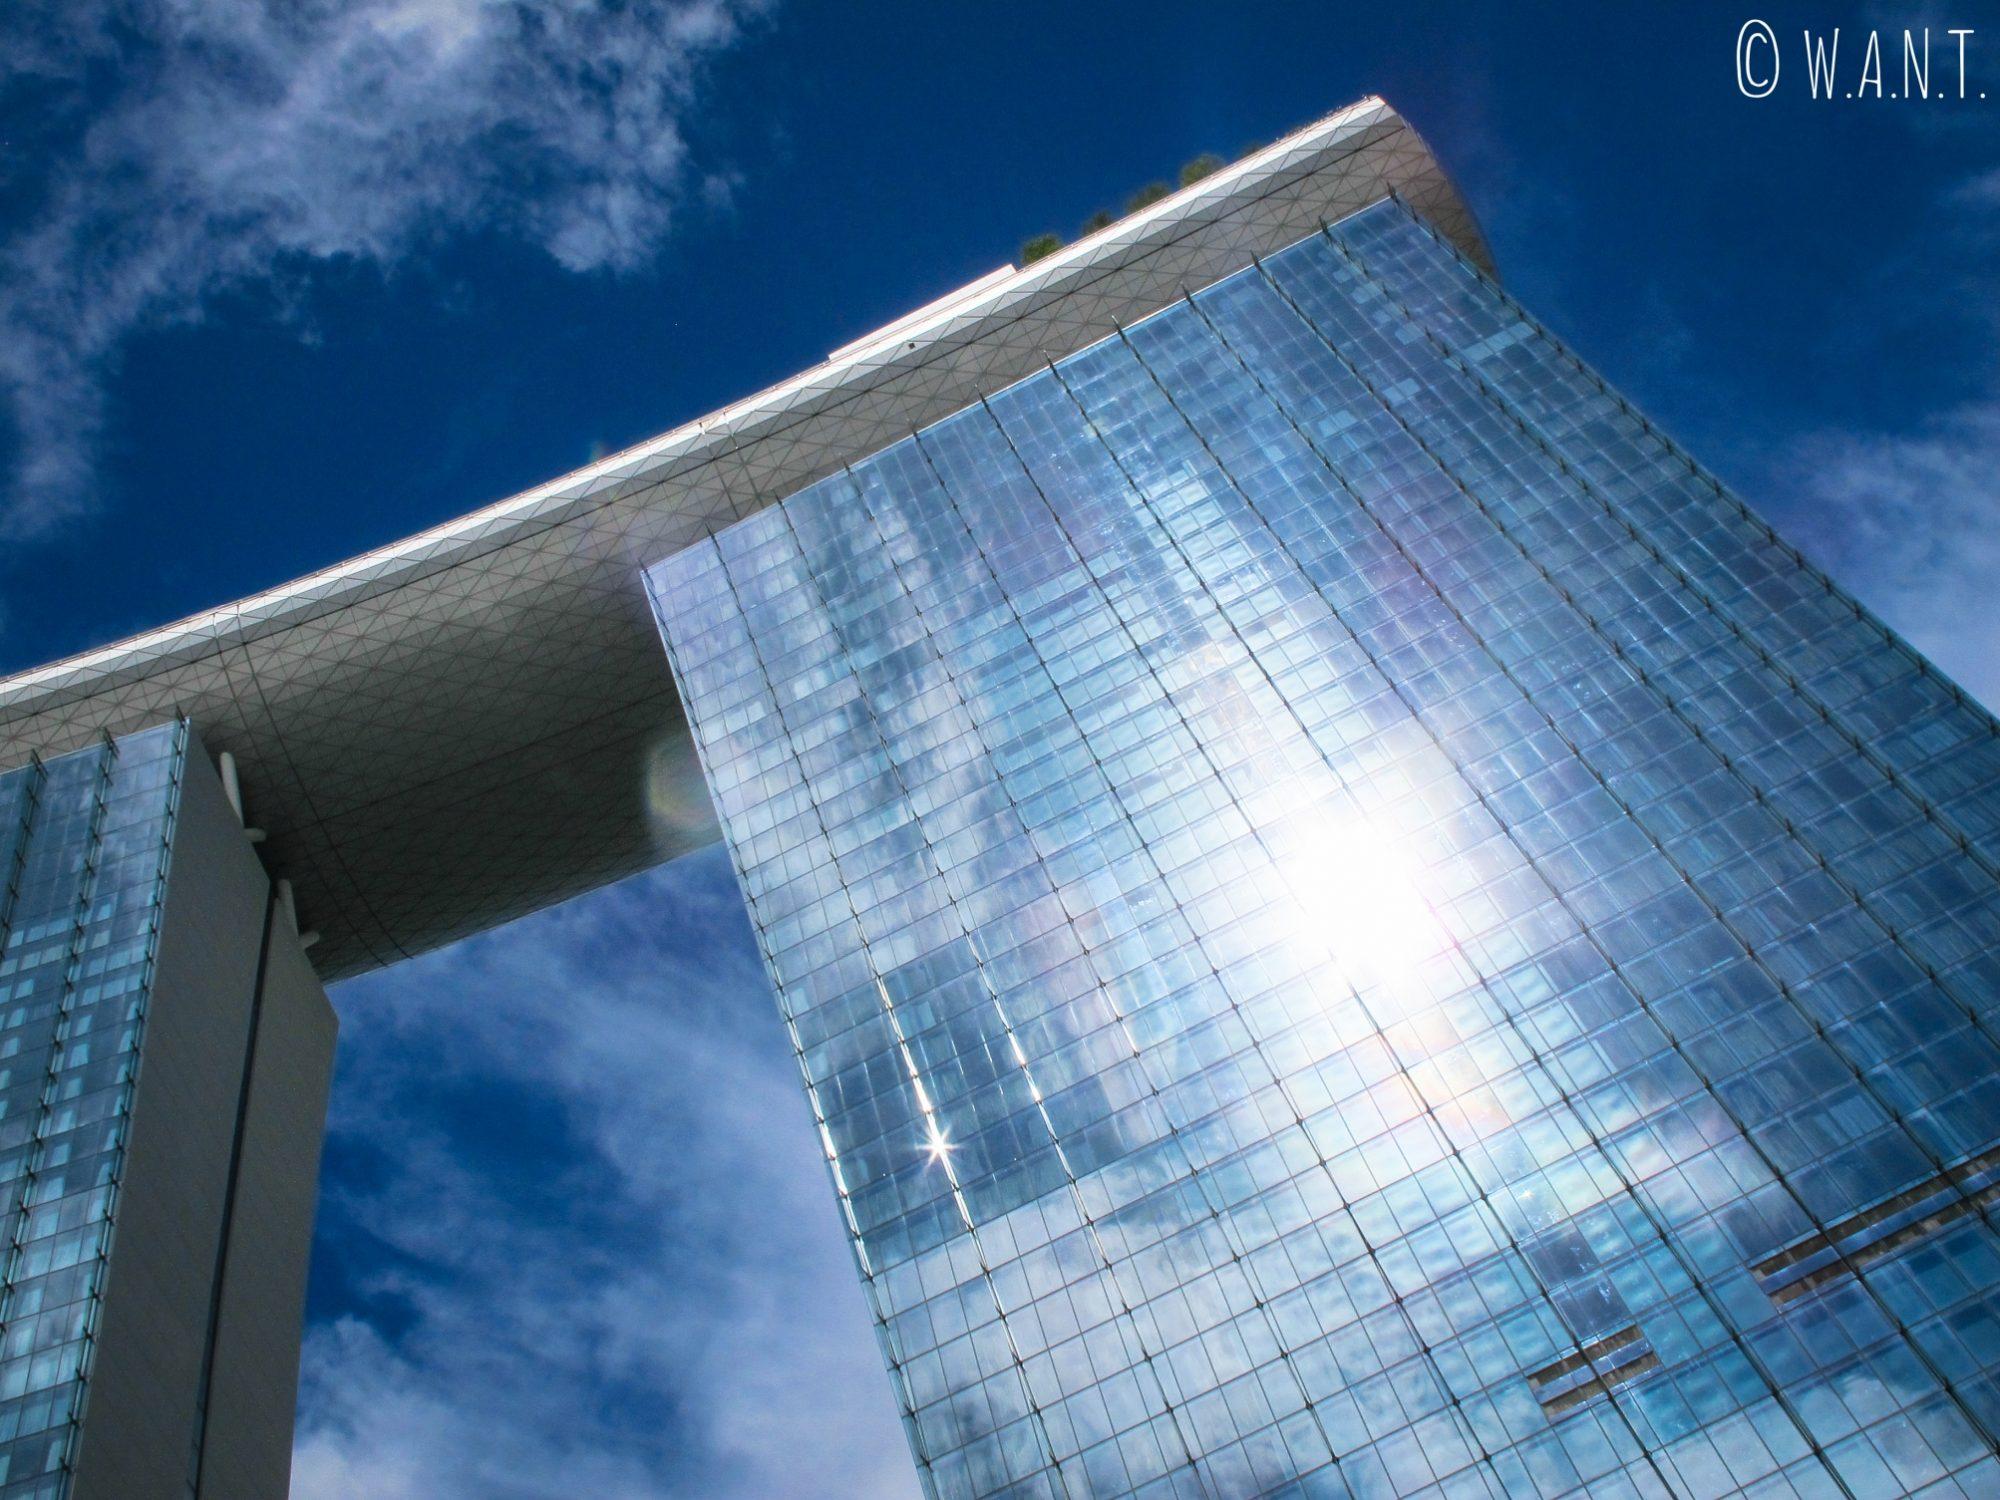 Soleil se reflétant sur les baies vitrées du Marina Bay Sands